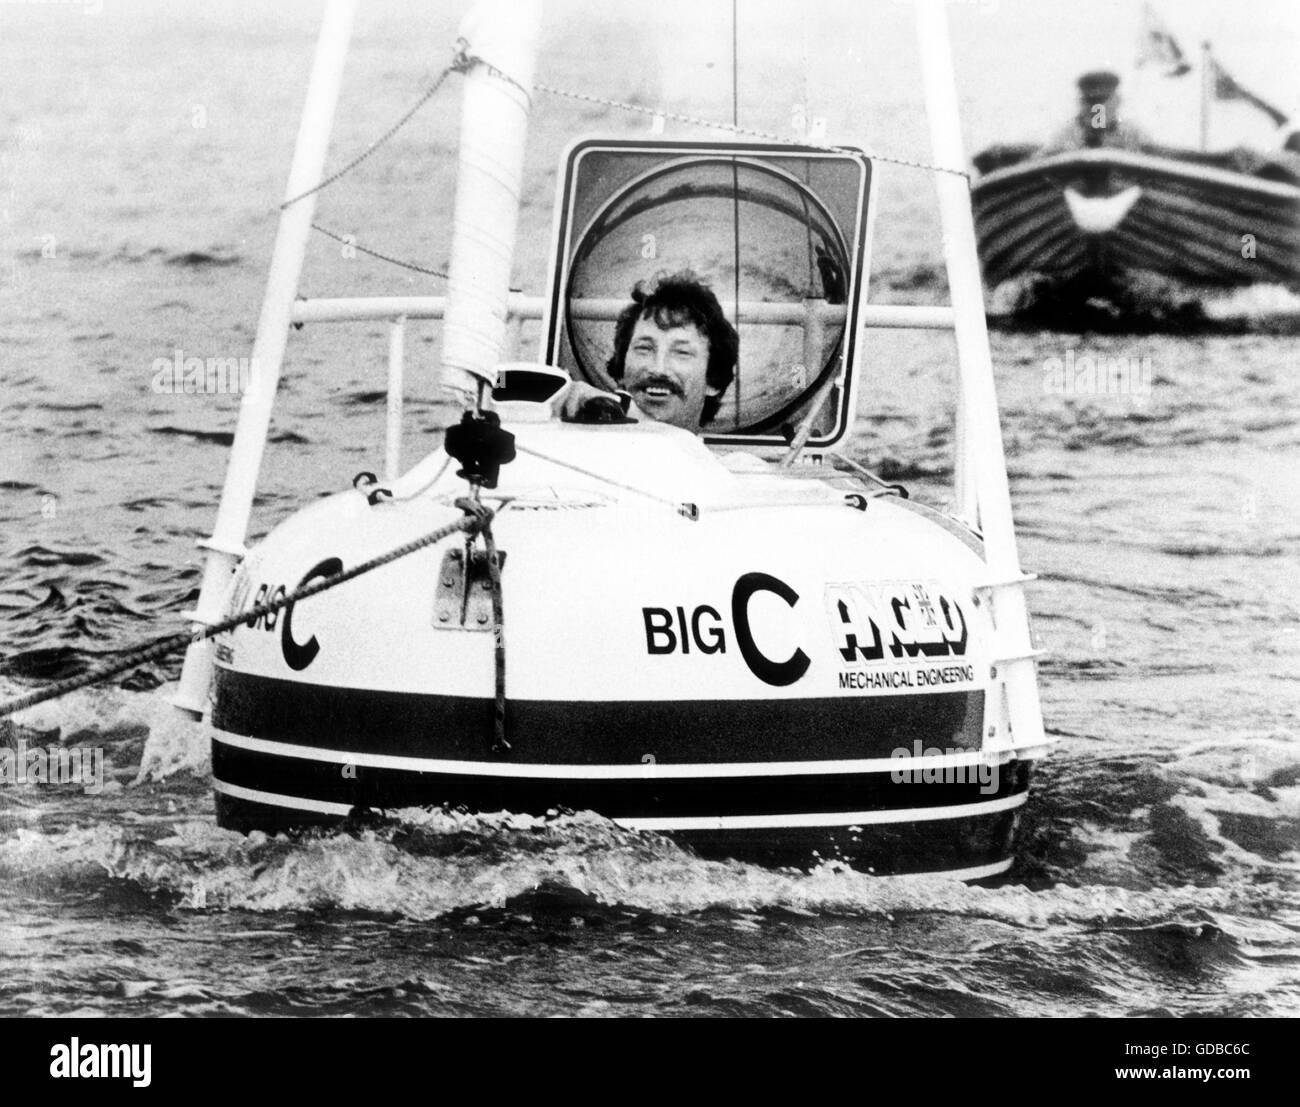 Noticias Fotos de AJAX. Julio 20th, 1983. SOUTHAMPTON, Inglaterra. - El barco más pequeño -LIVERPUDLIAN Imagen De Stock